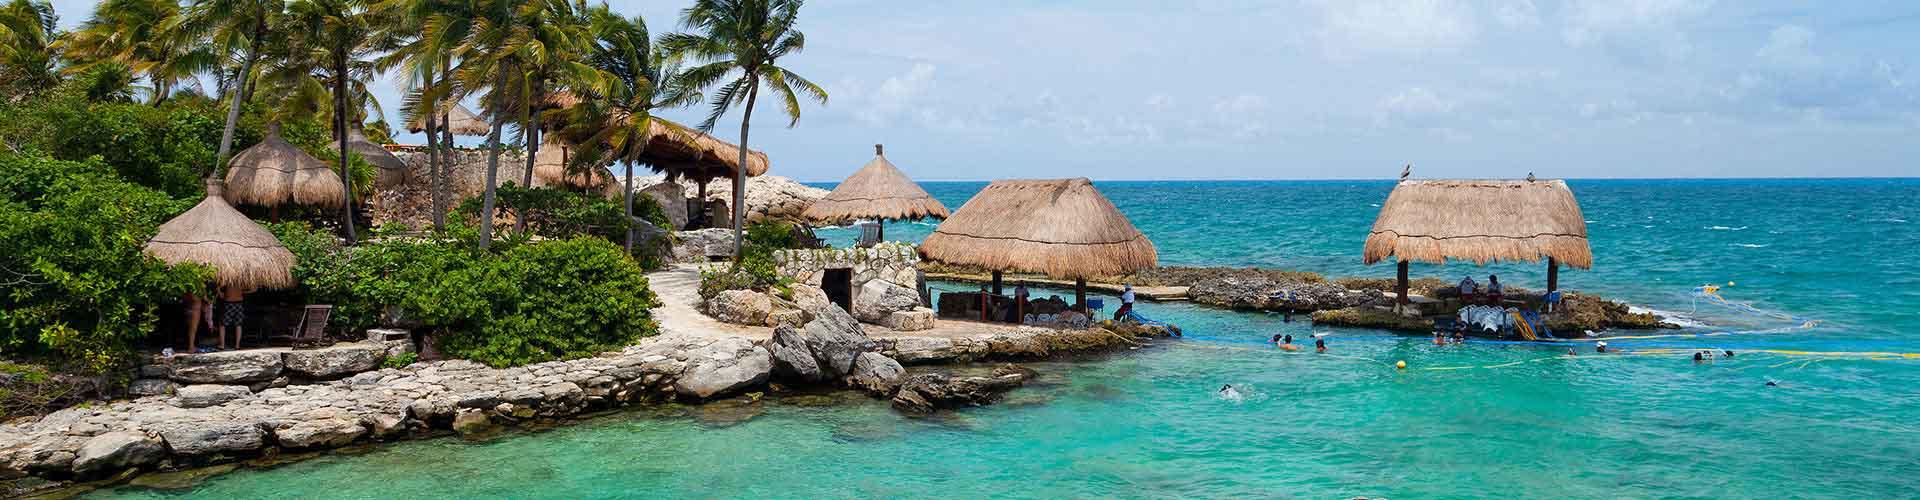 Cancún - Habitaciones en Cancún. Mapas de Cancún, Fotos y comentarios de cada Habitación en Cancún.